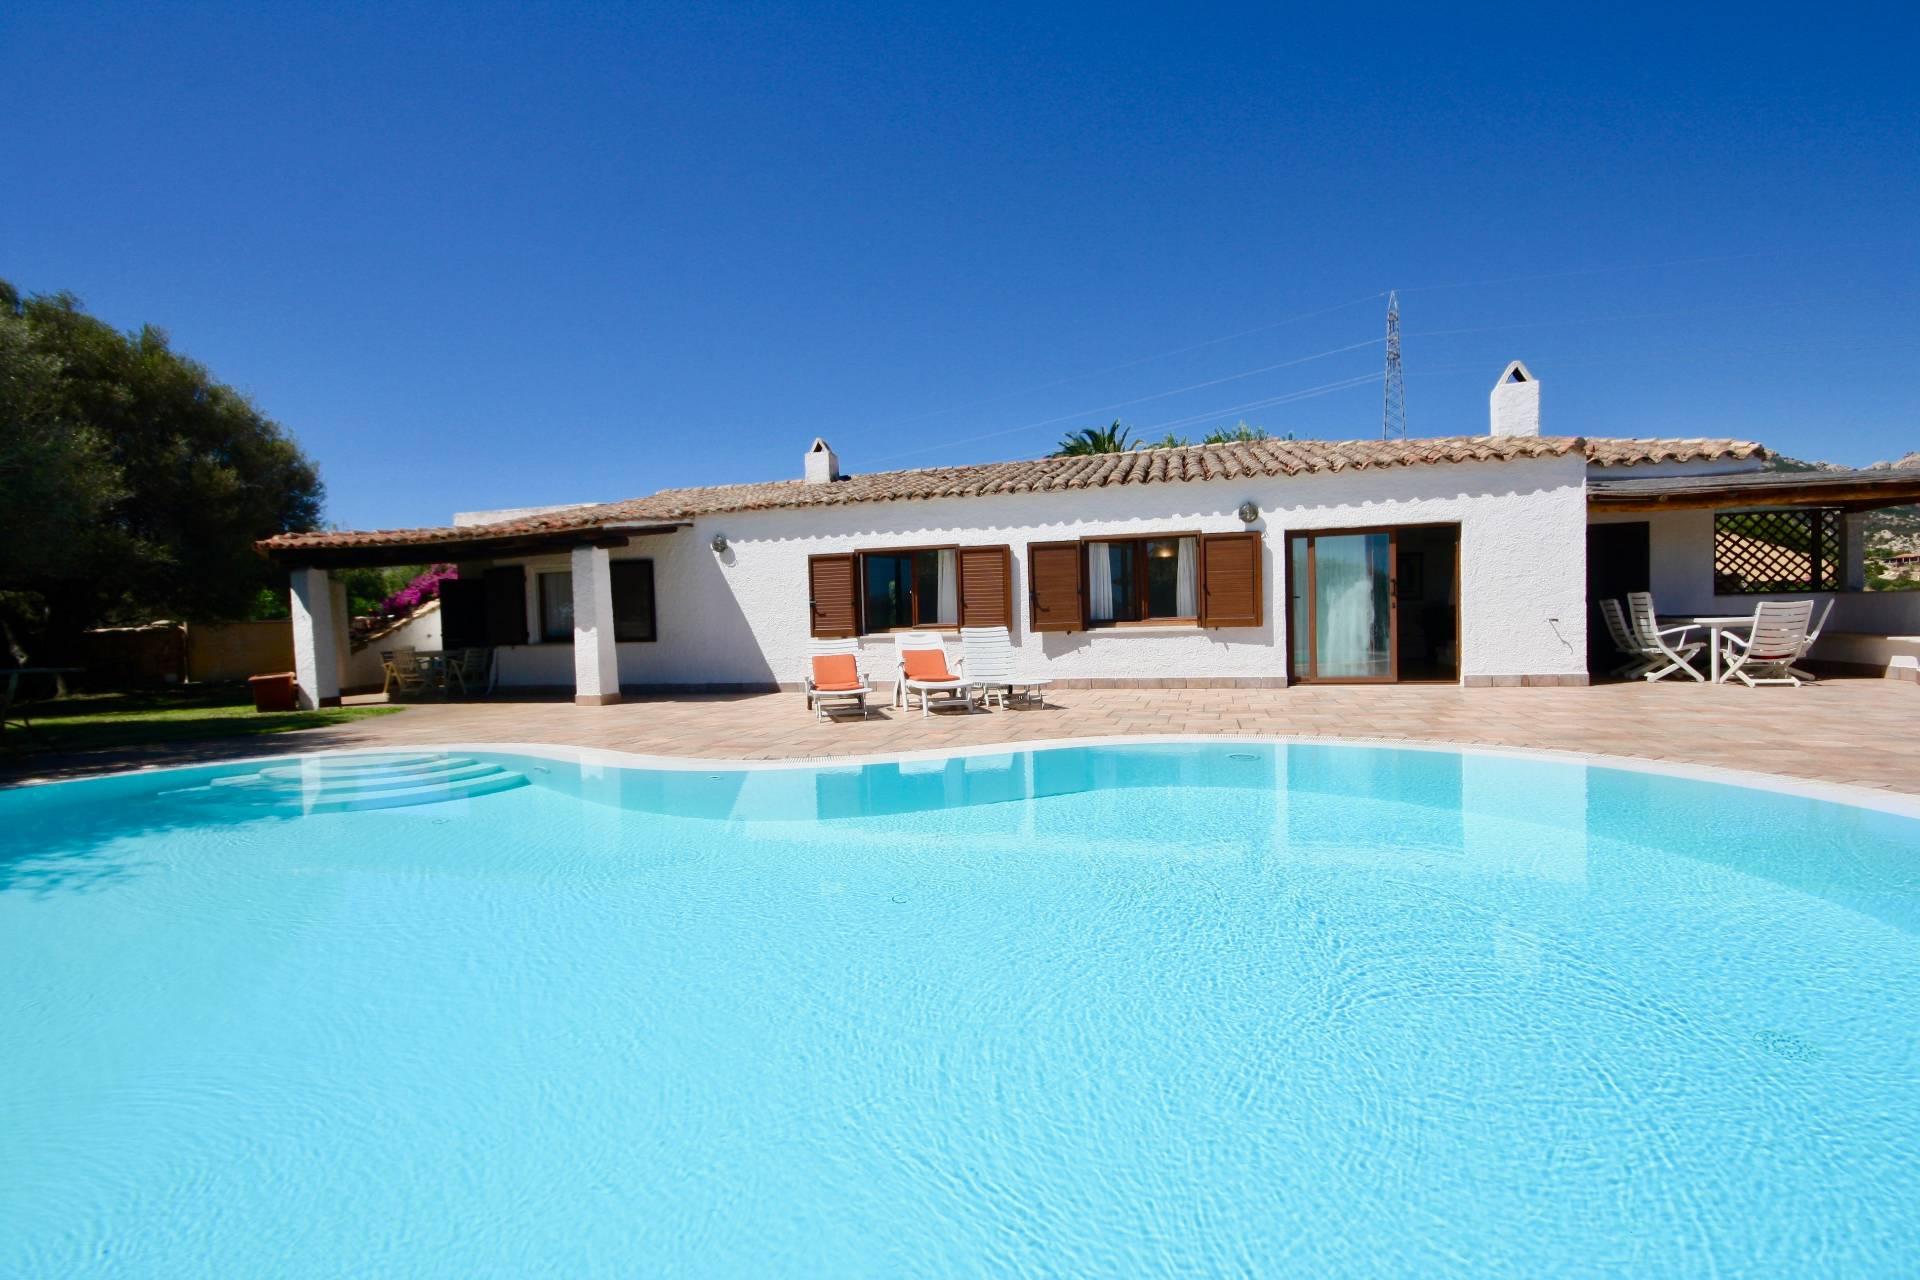 Villa in vendita a Olbia - Porto Rotondo, 10 locali, zona Zona: Portisco, prezzo € 2.300.000 | CambioCasa.it